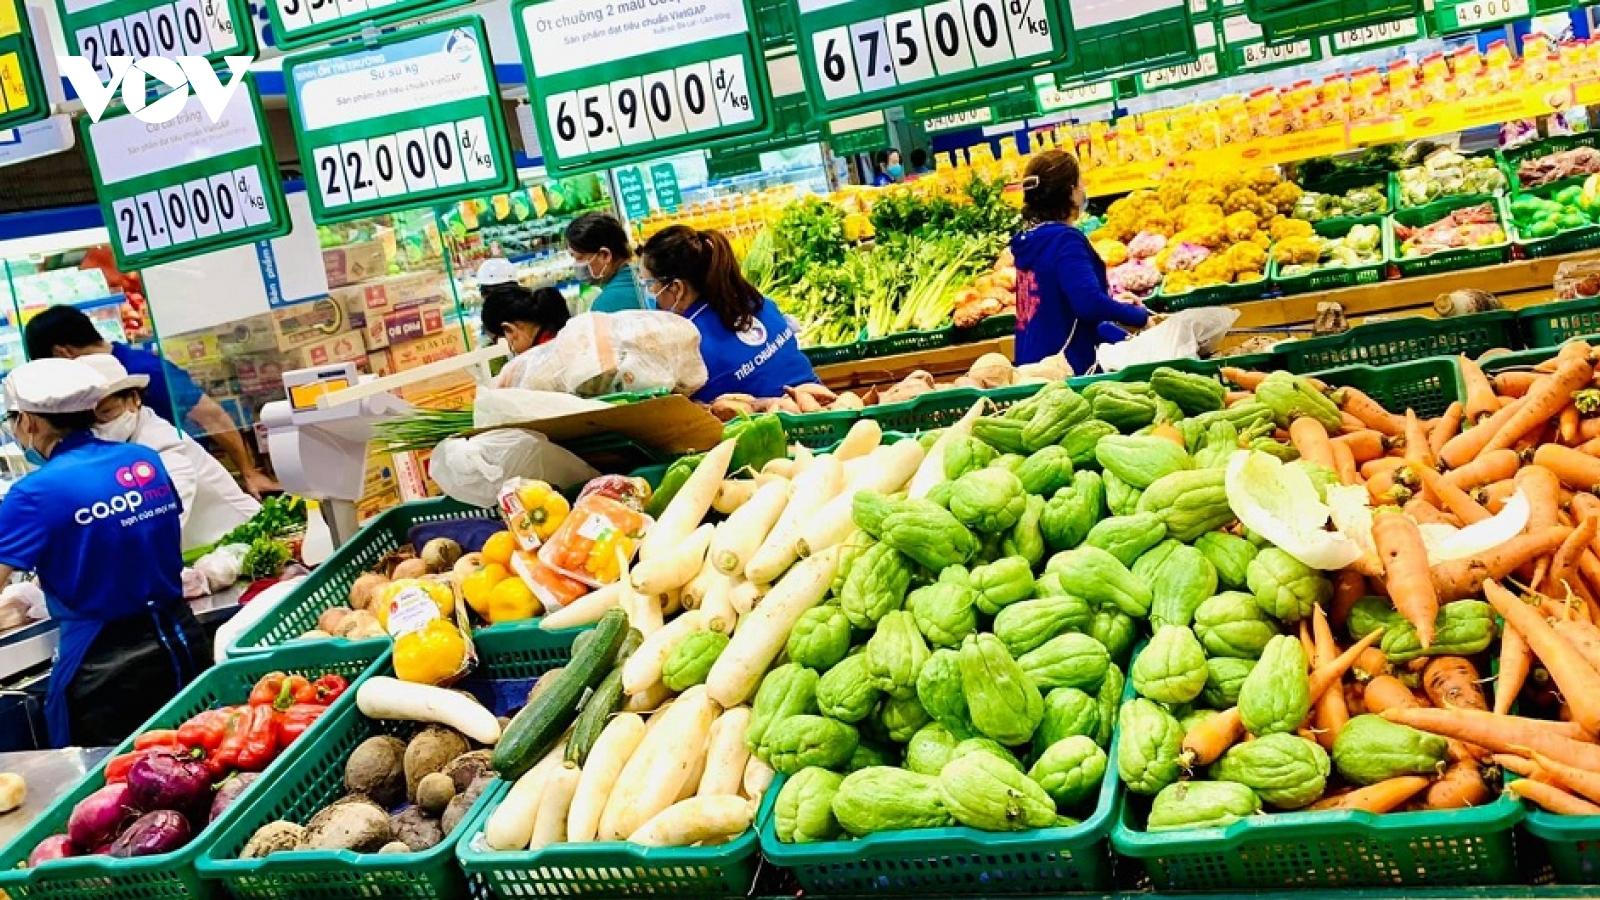 Doanh nghiệp ở TP.HCM điều chỉnh gói combo thực phẩm sau phản ánh của người dân